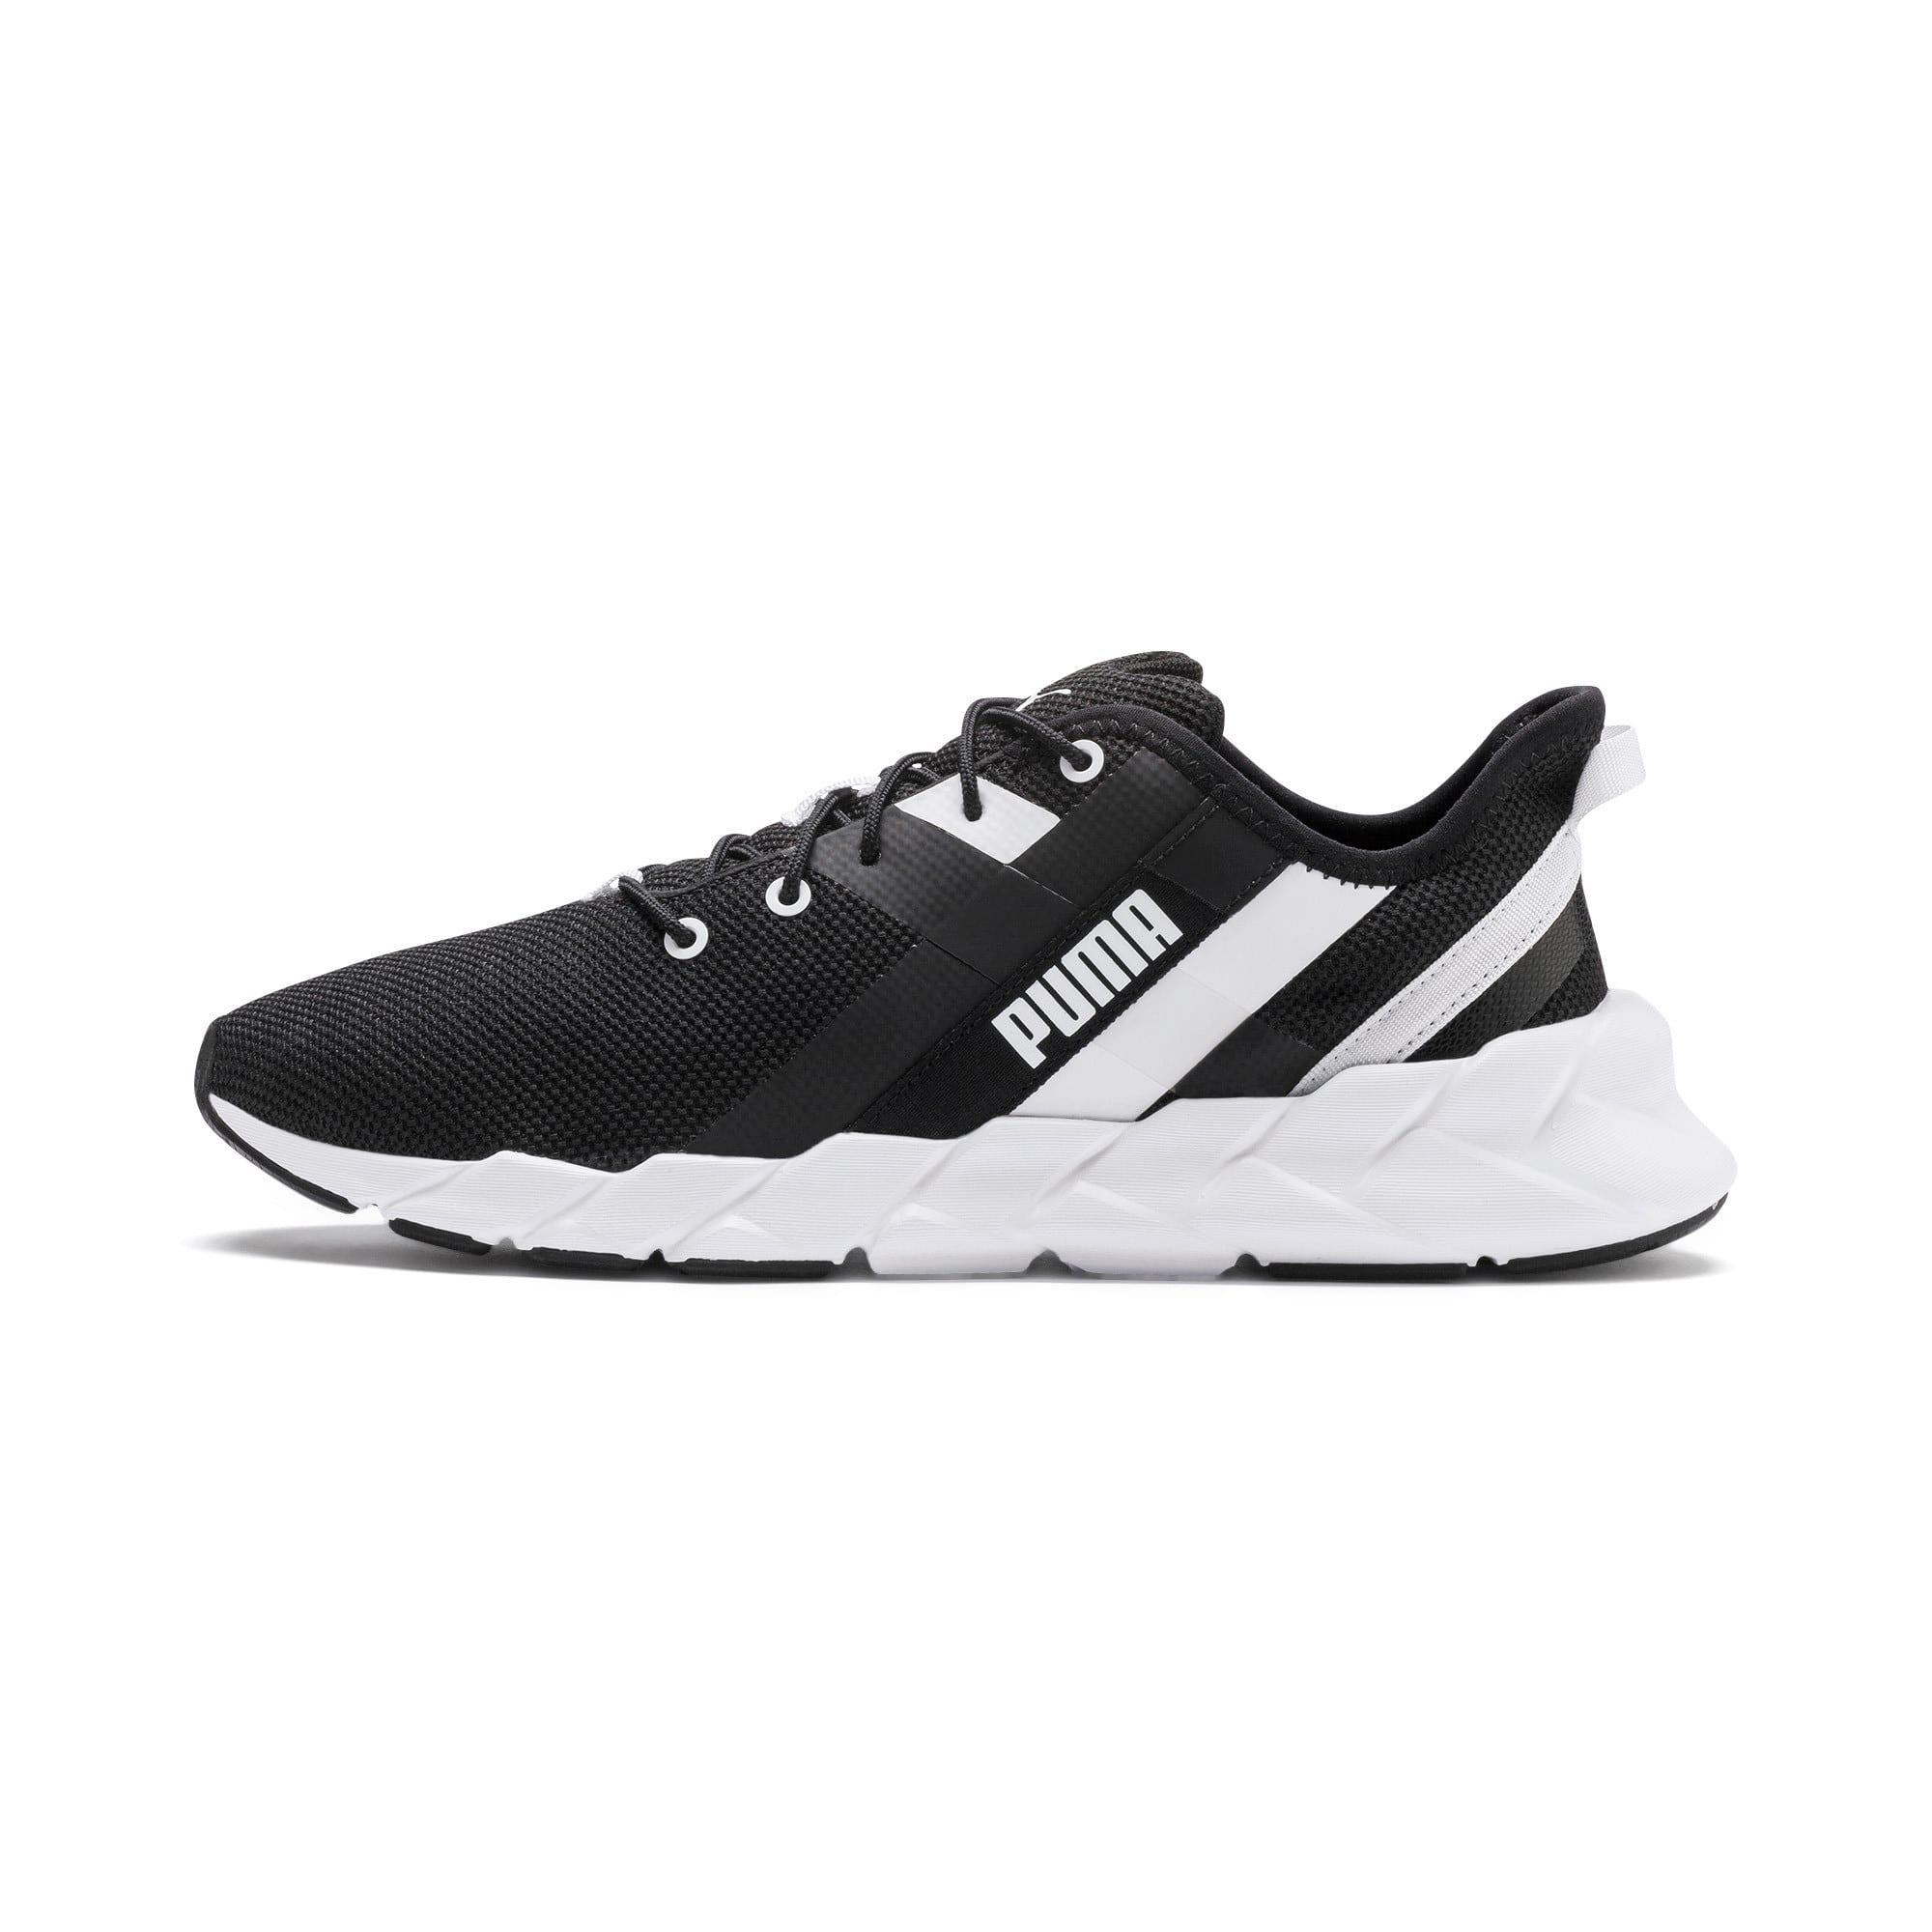 Miniatura 1 de Zapatos de entrenamiento Weave XT para mujer, Puma Black-Puma White, mediano